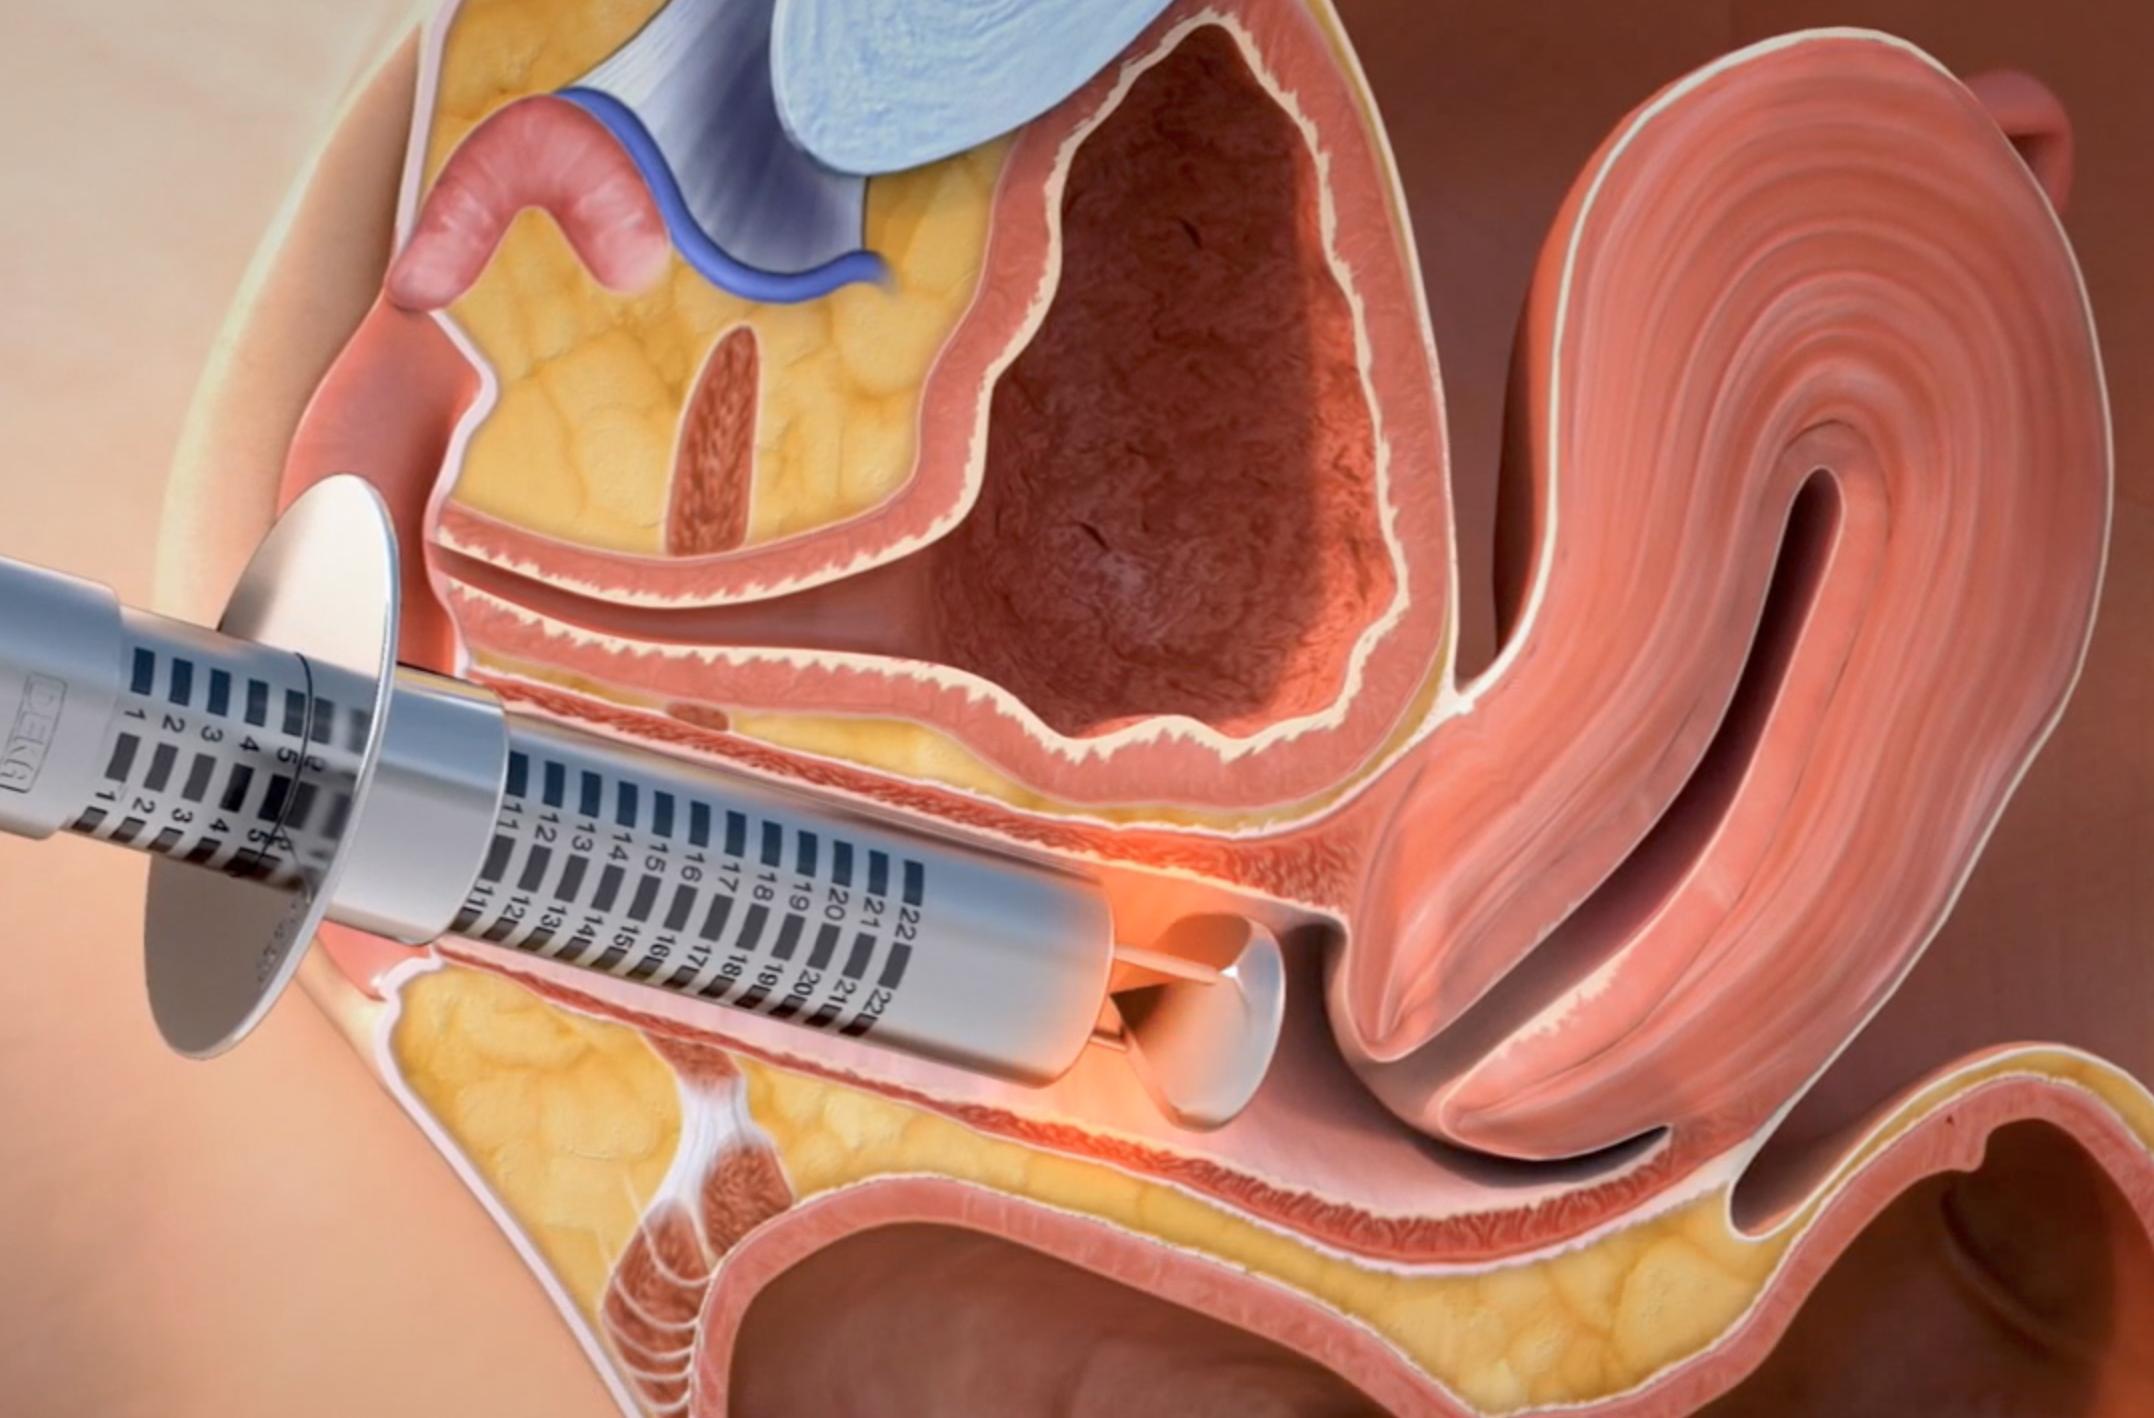 تنگ کردن واژن - تنگ کردن دائمی واژن